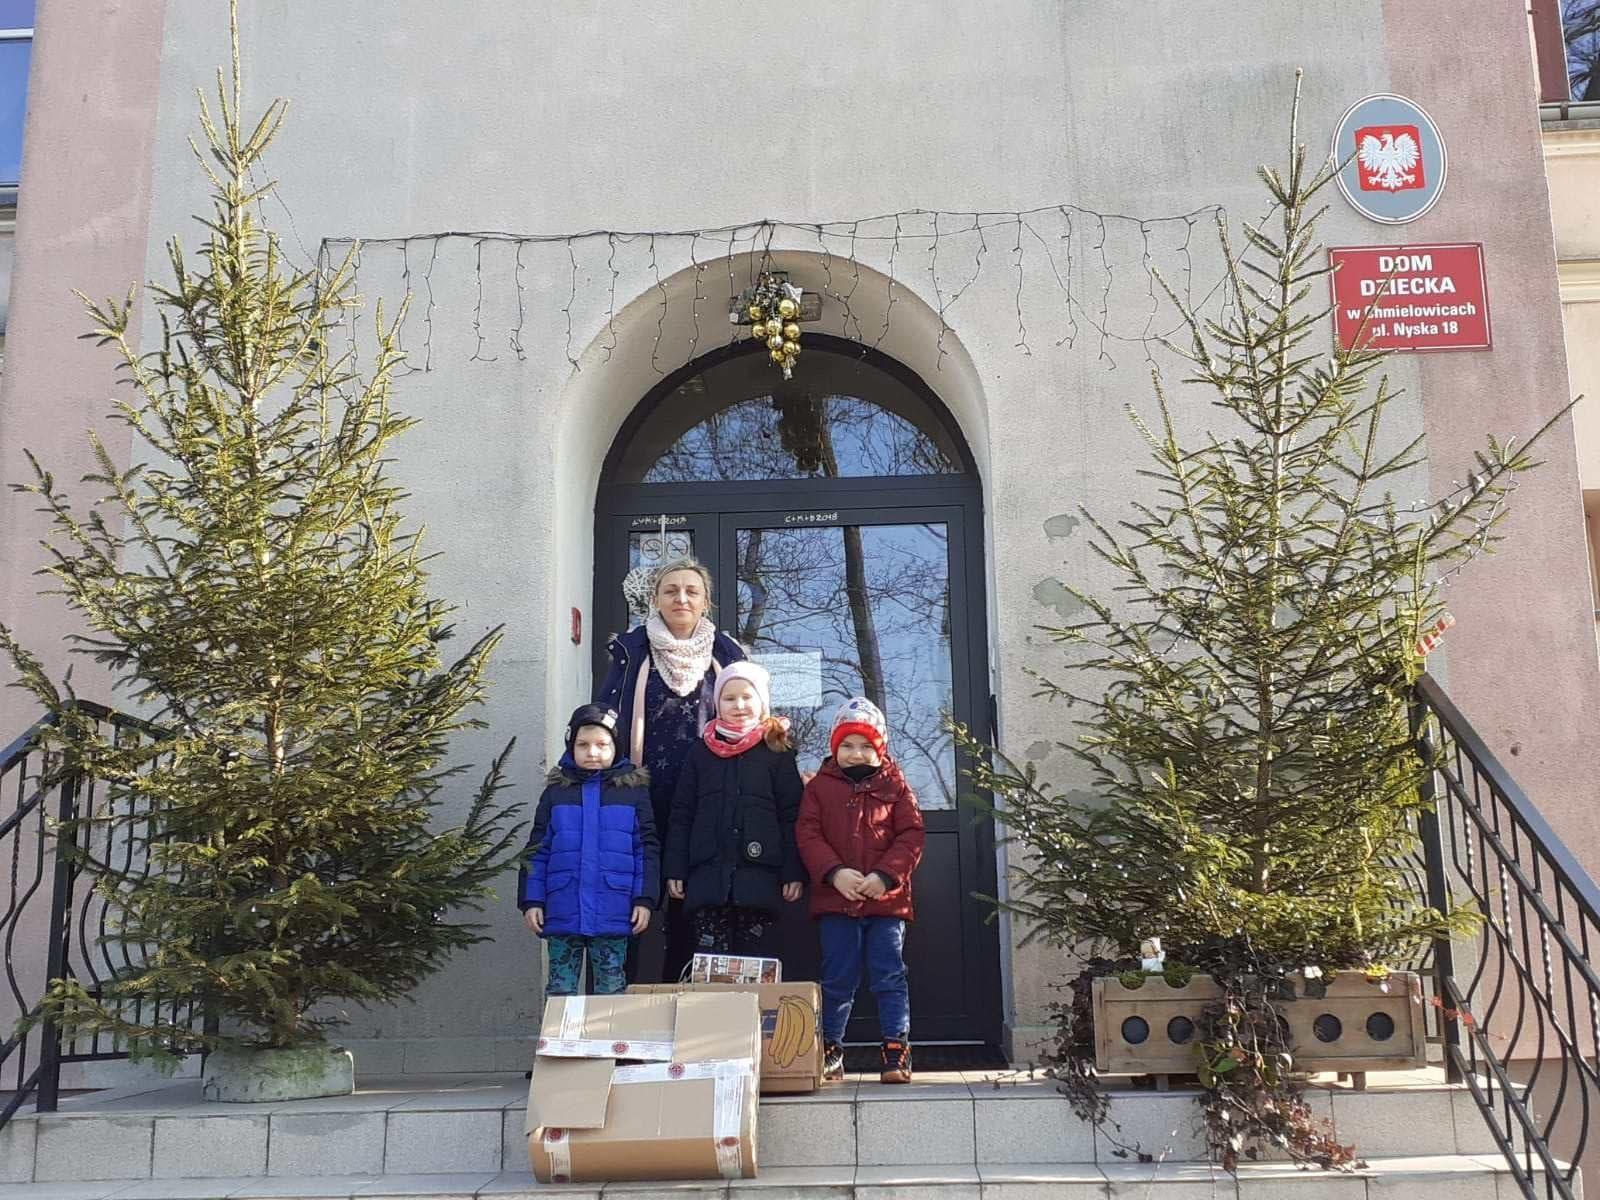 Przekazanie darów dla Domu Dziecka